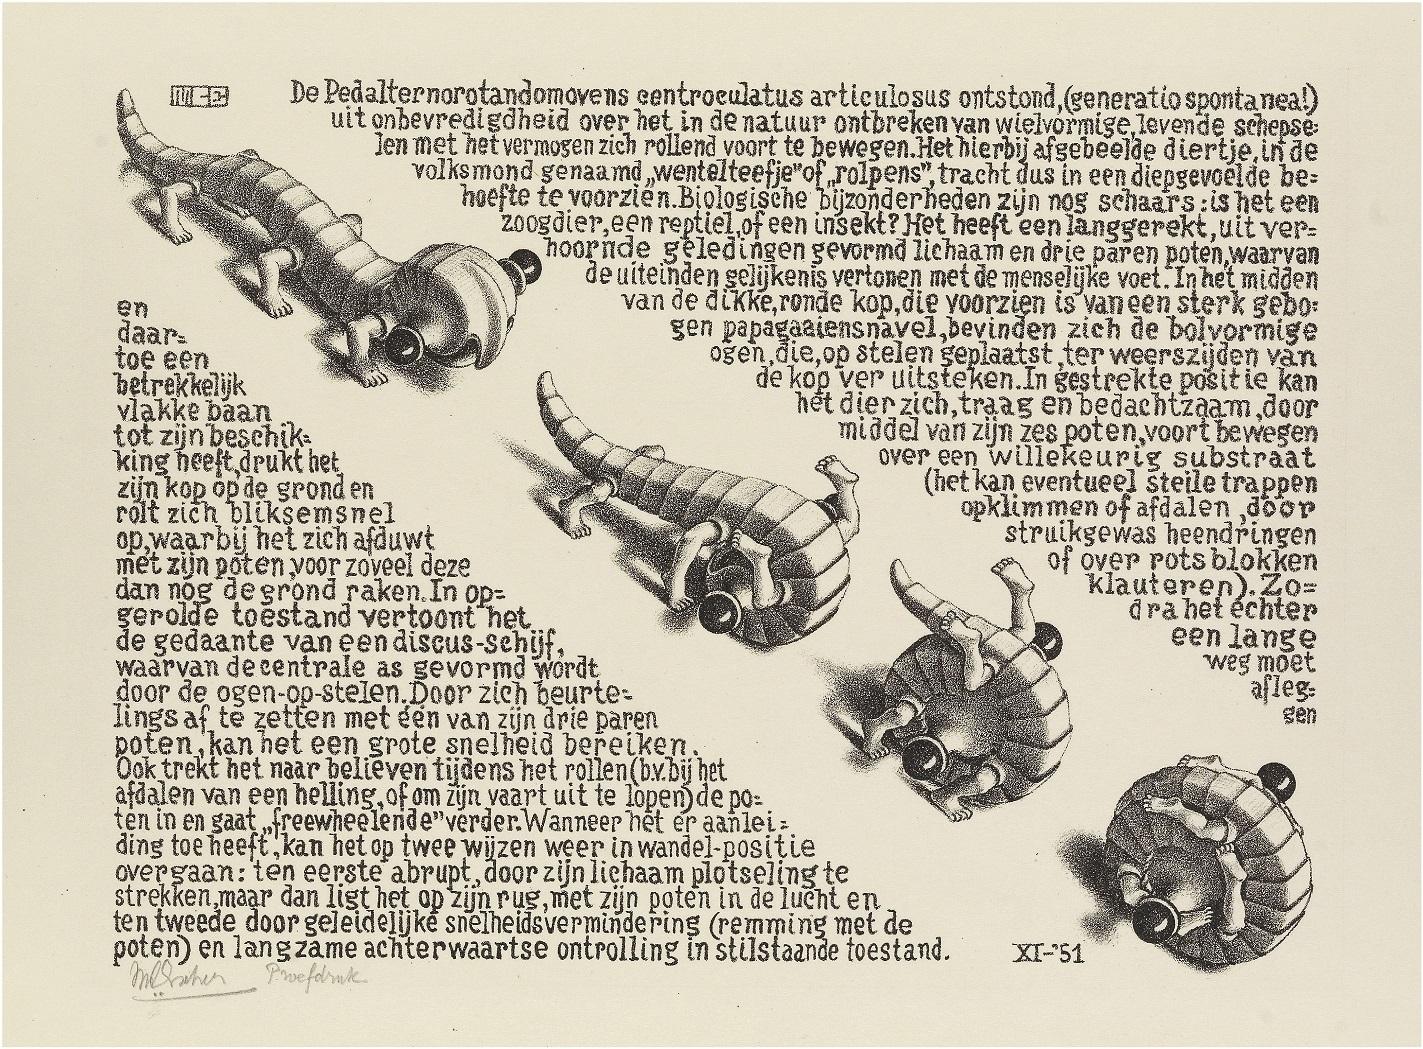 《でんぐりでんぐり》 1951年 All M.C. Escher works © The M.C. Escher Company, The Netherlands. All rights reserved.